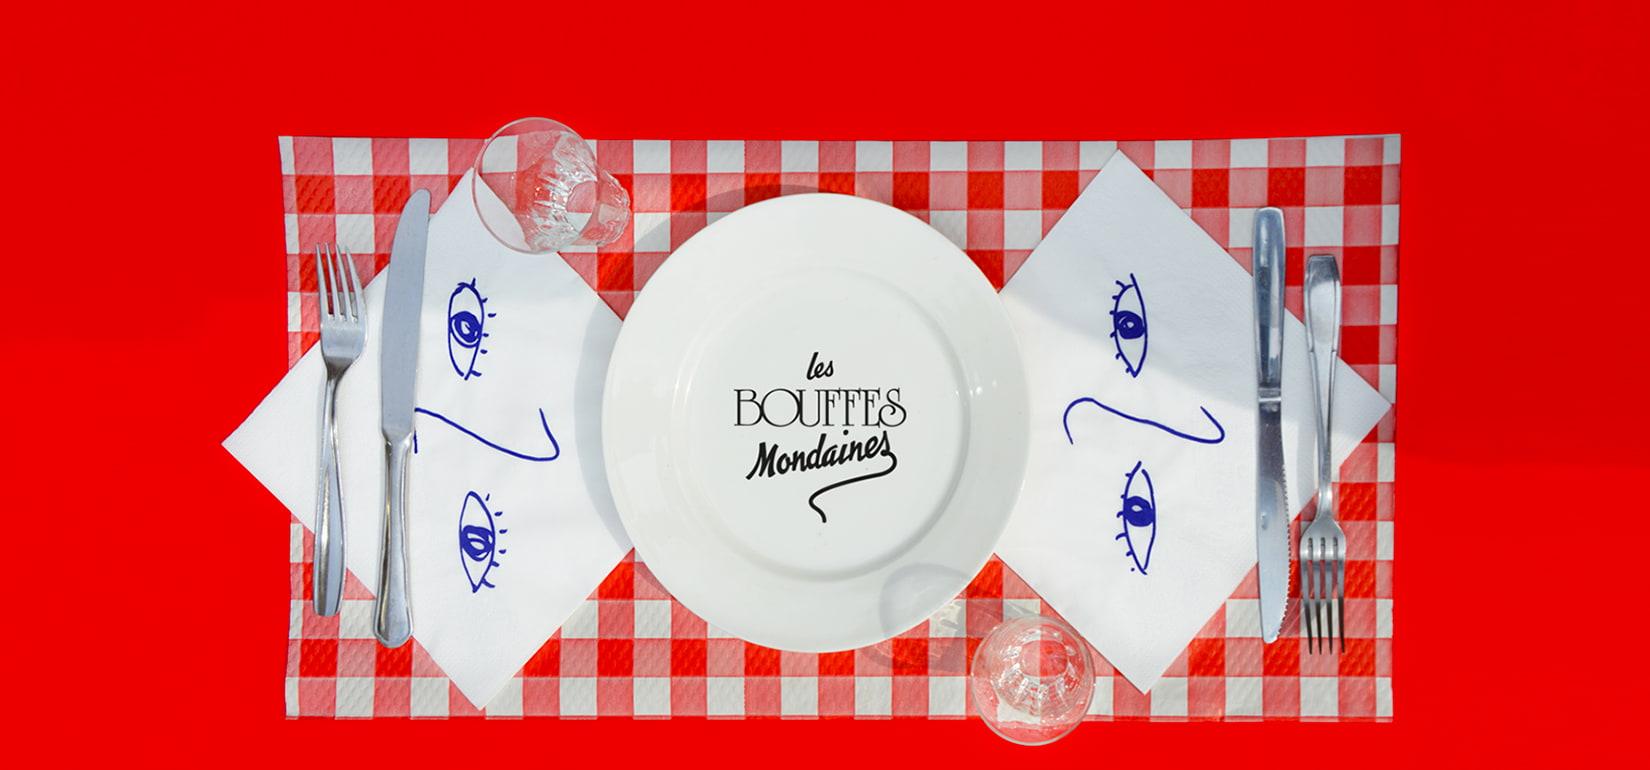 Les bouffes mondaines sont de grands banques mis en scène et cuisinés par hoplastudio. Une mise en scène culinaire où les invités mangent, boivent, regardent et s'émerveillent.